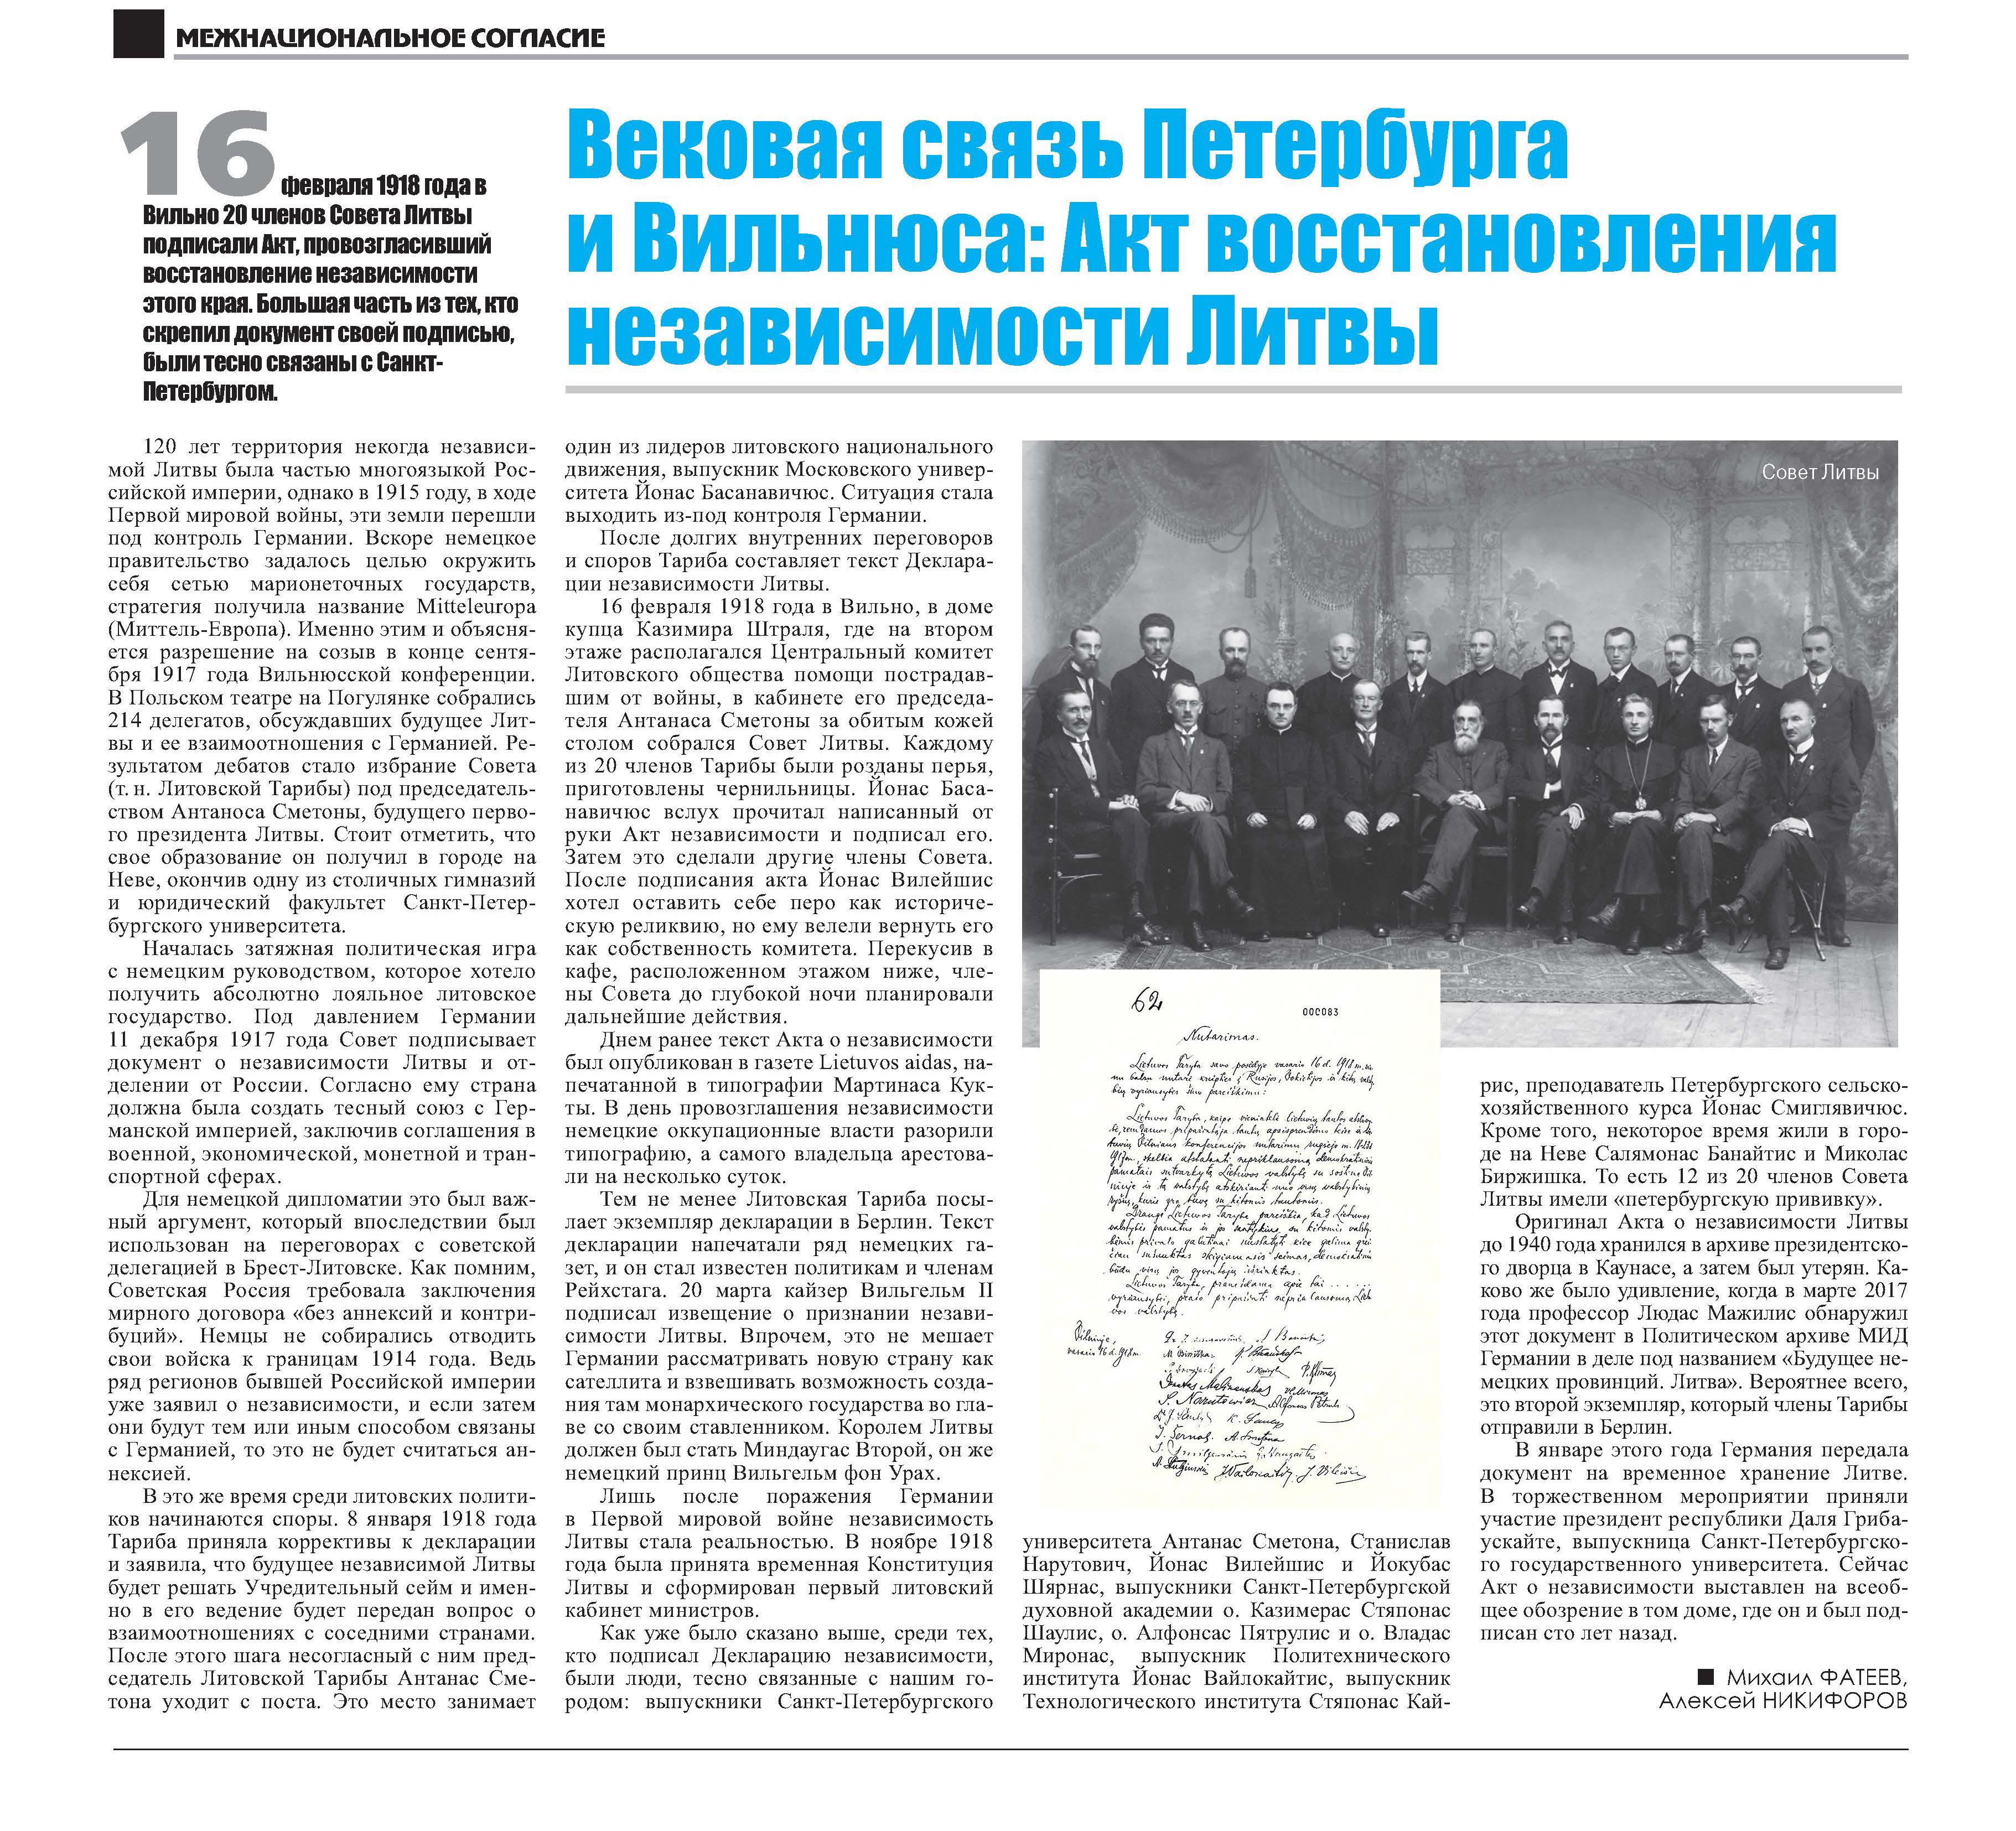 Вековая связь Петербурга и Вильнюса: Акт восстановления независимости Литвы